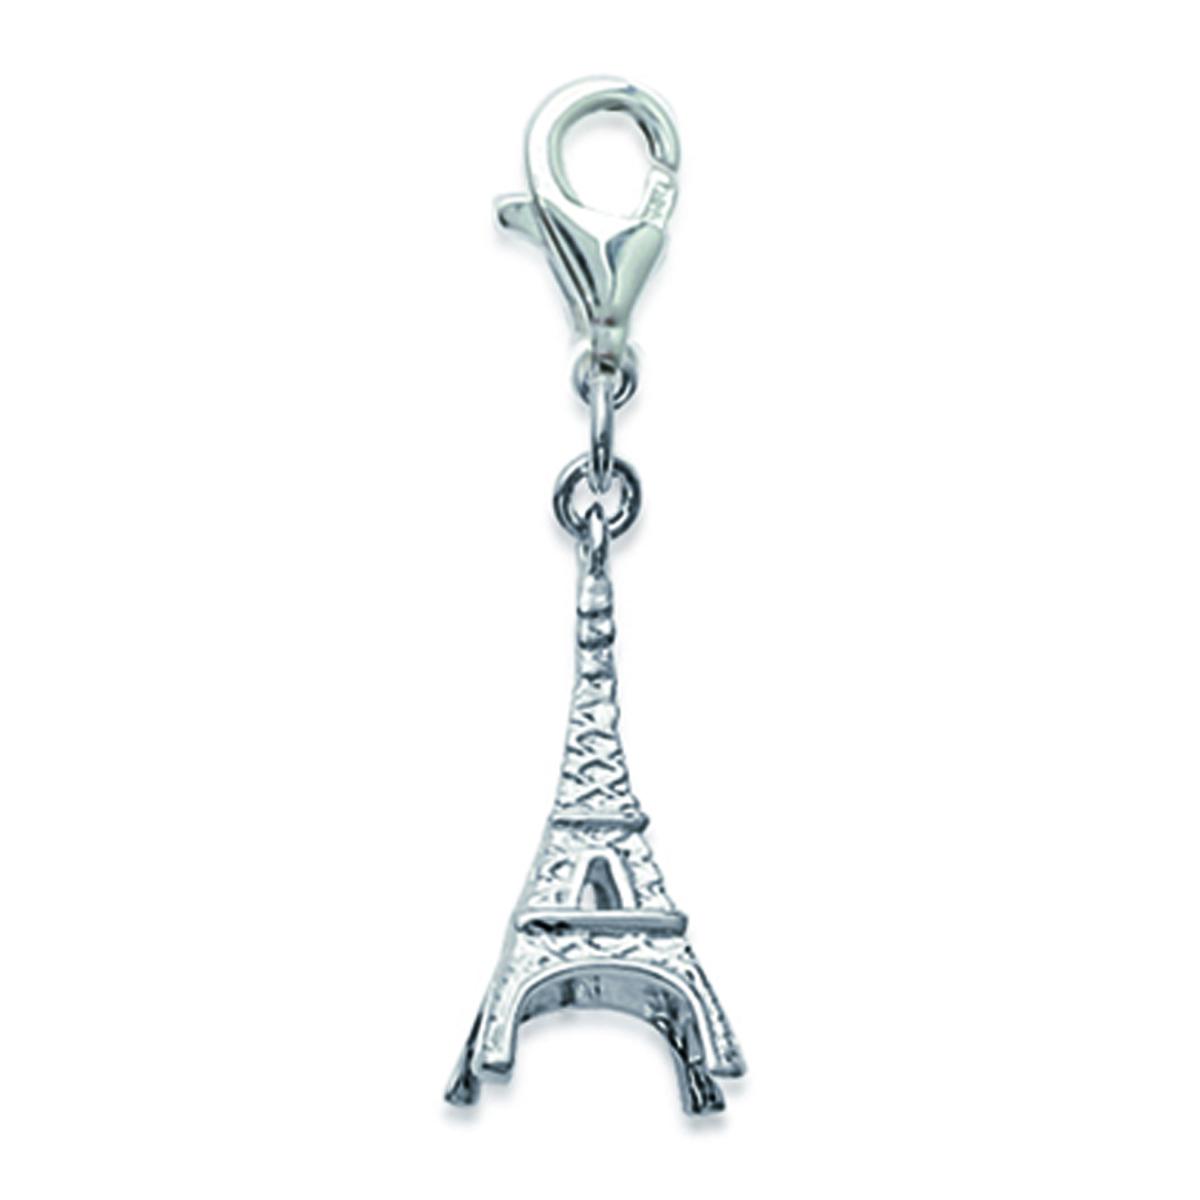 Pendentif Charm \'Tour Eiffel\' argenté (rhodié) - 21x9 mm - [N2600]